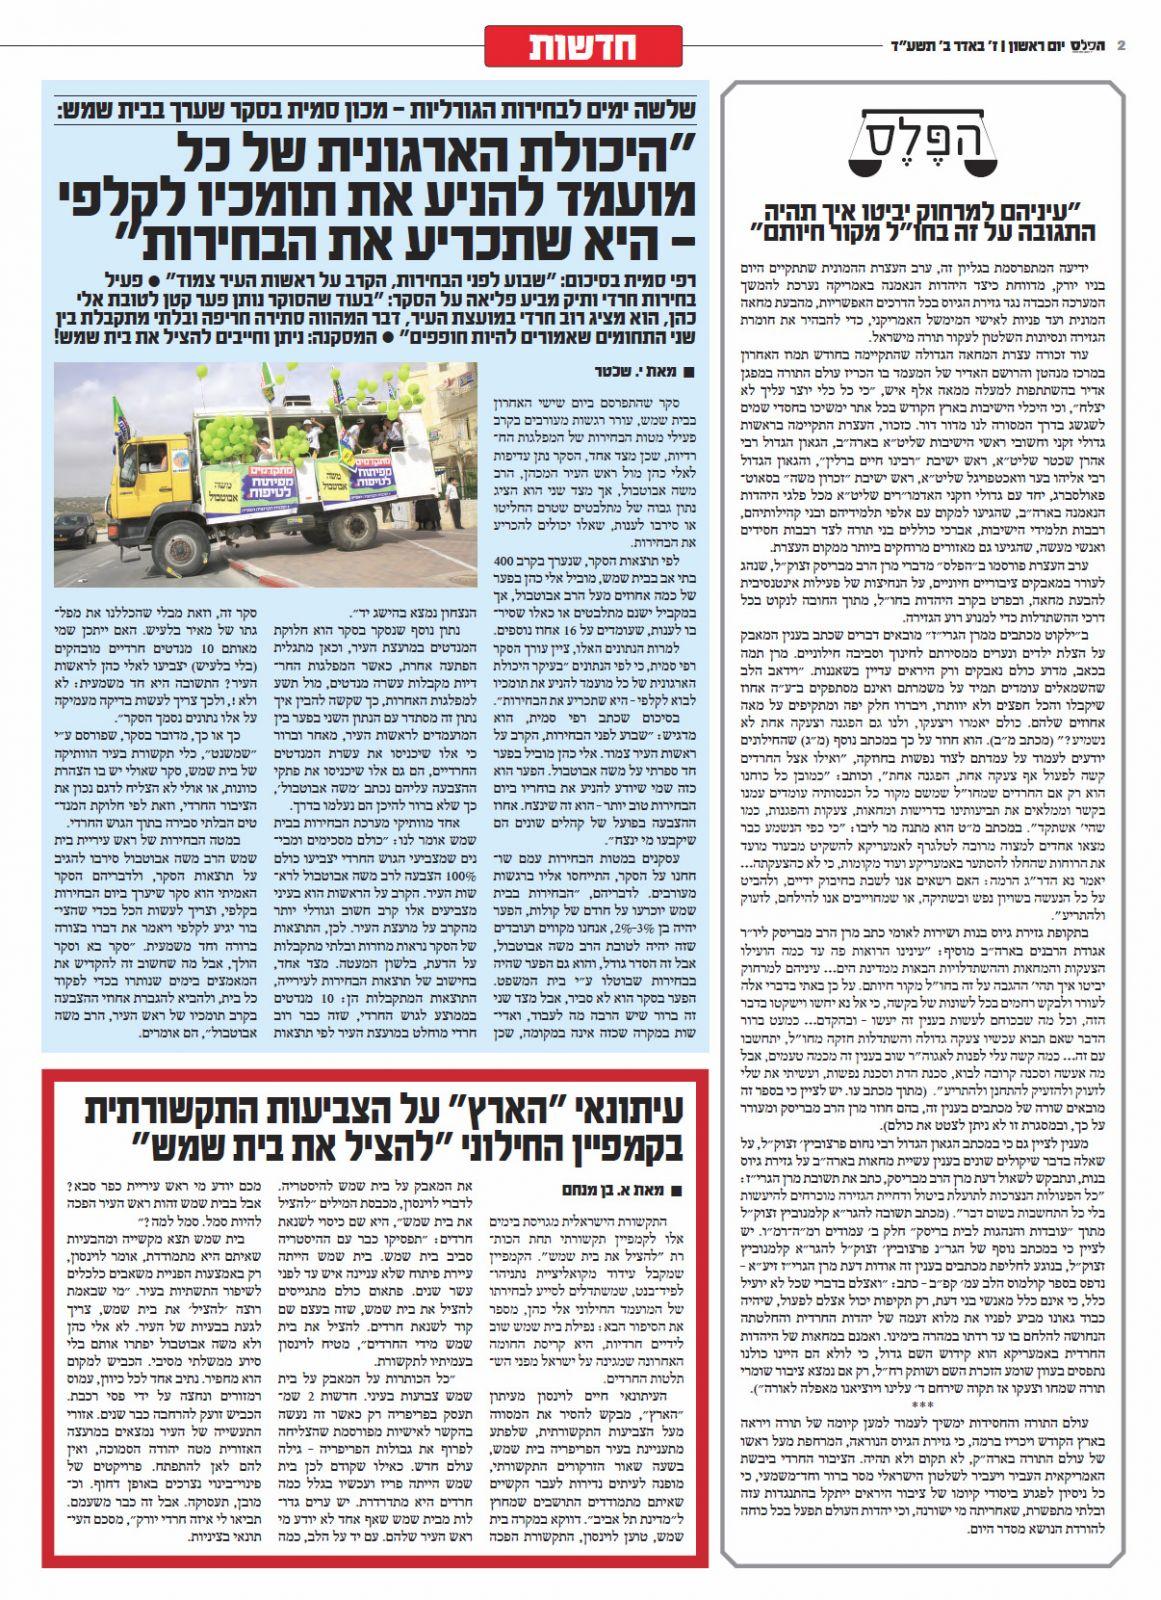 """""""הפלס"""" החרדי מאשים את העיתונות הכללית בצביעות, 9.3.14, עמ' 2"""